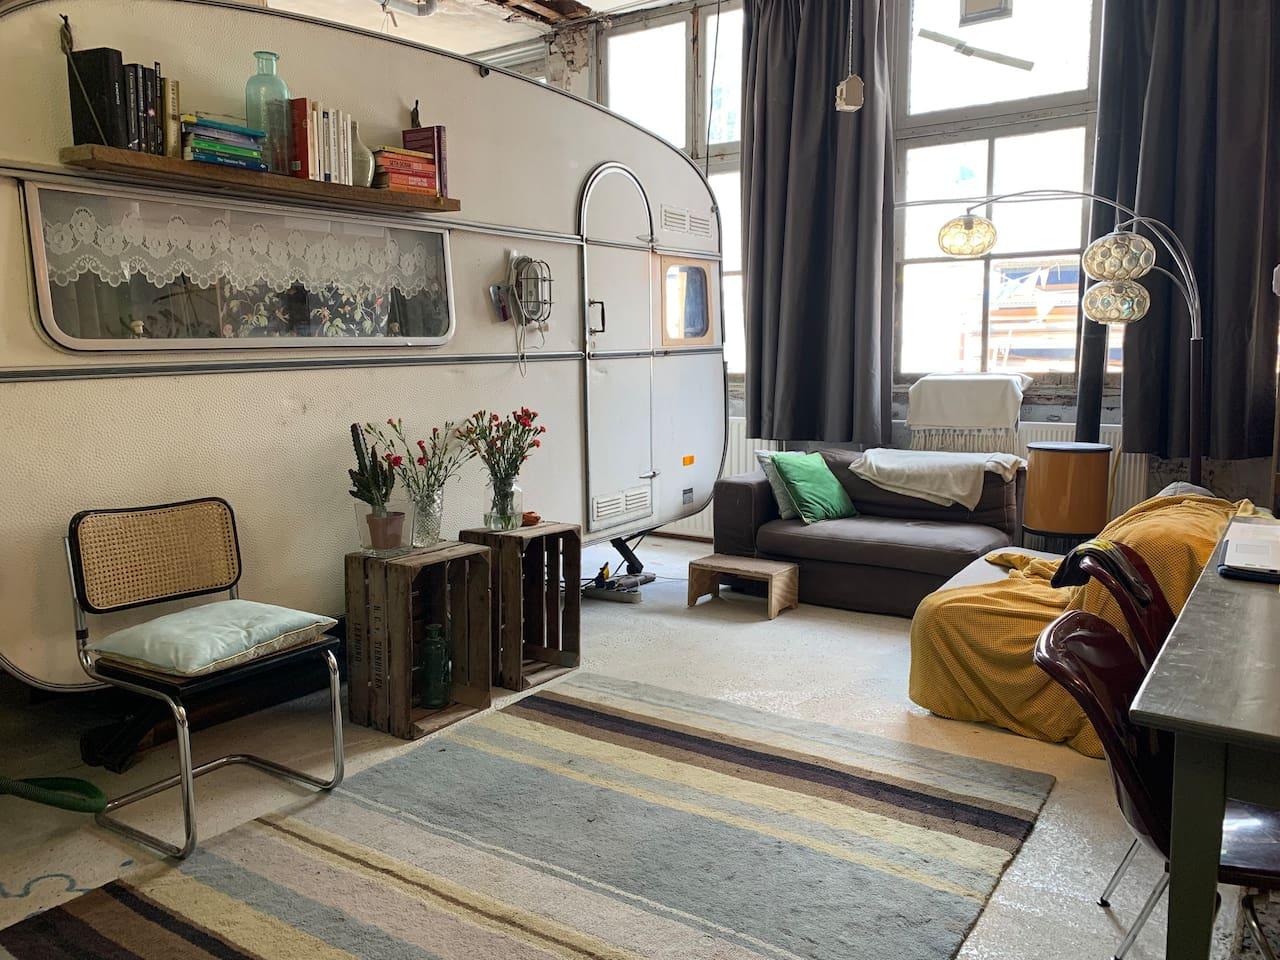 Living room with open kitchen and master bedroom/caravan